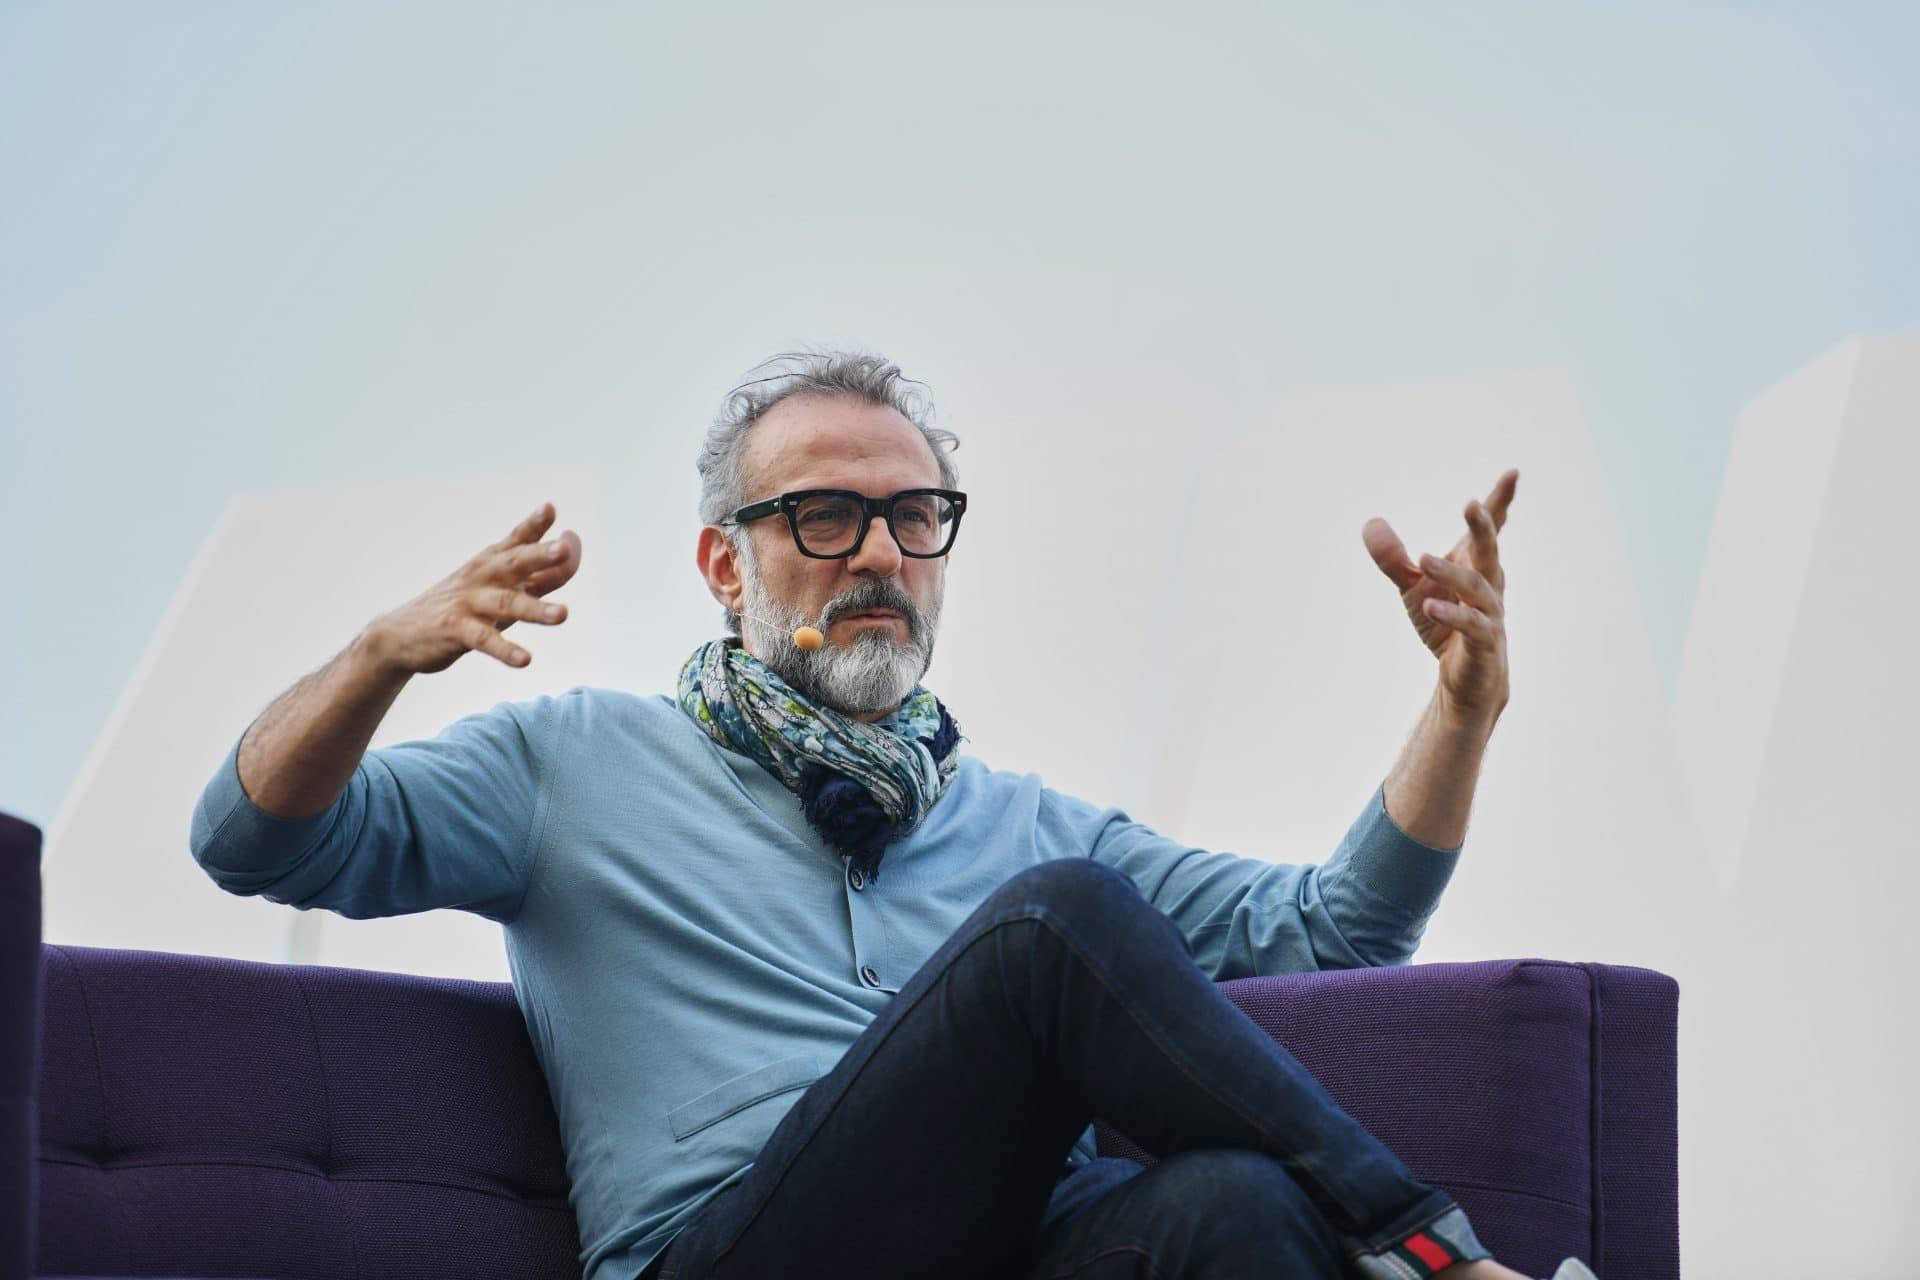 Értelem, érzelem és élelem - Massimo Bottura budapesti előadásán jártunk - Dining Guide